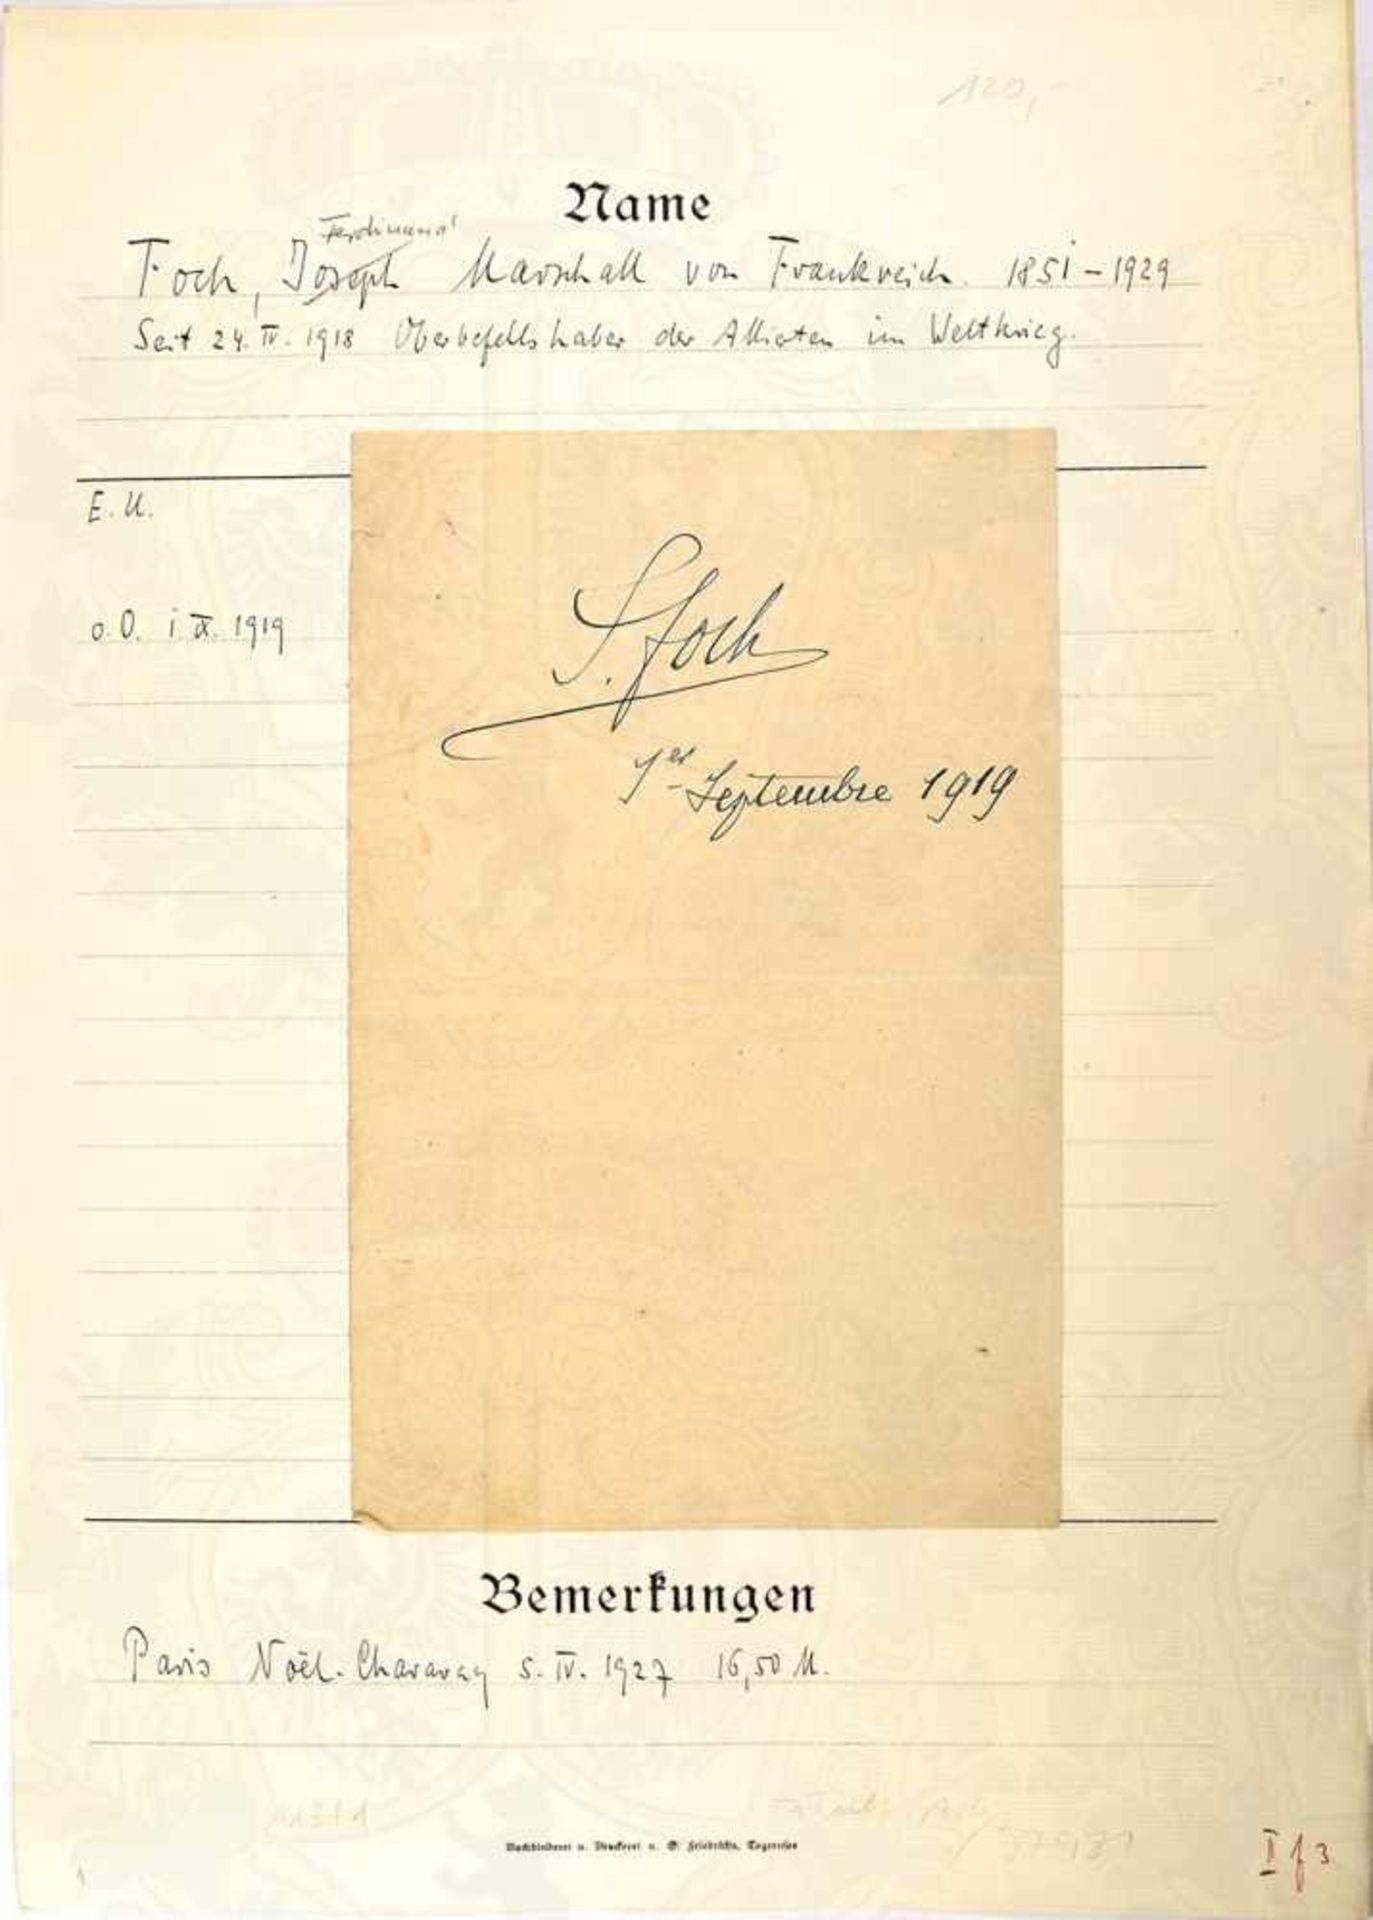 """FOCH, FERDINAND, Marschall von Frankreich, (1851-1929), eigenhändige OU """"J. Foch, 1. Septembre"""